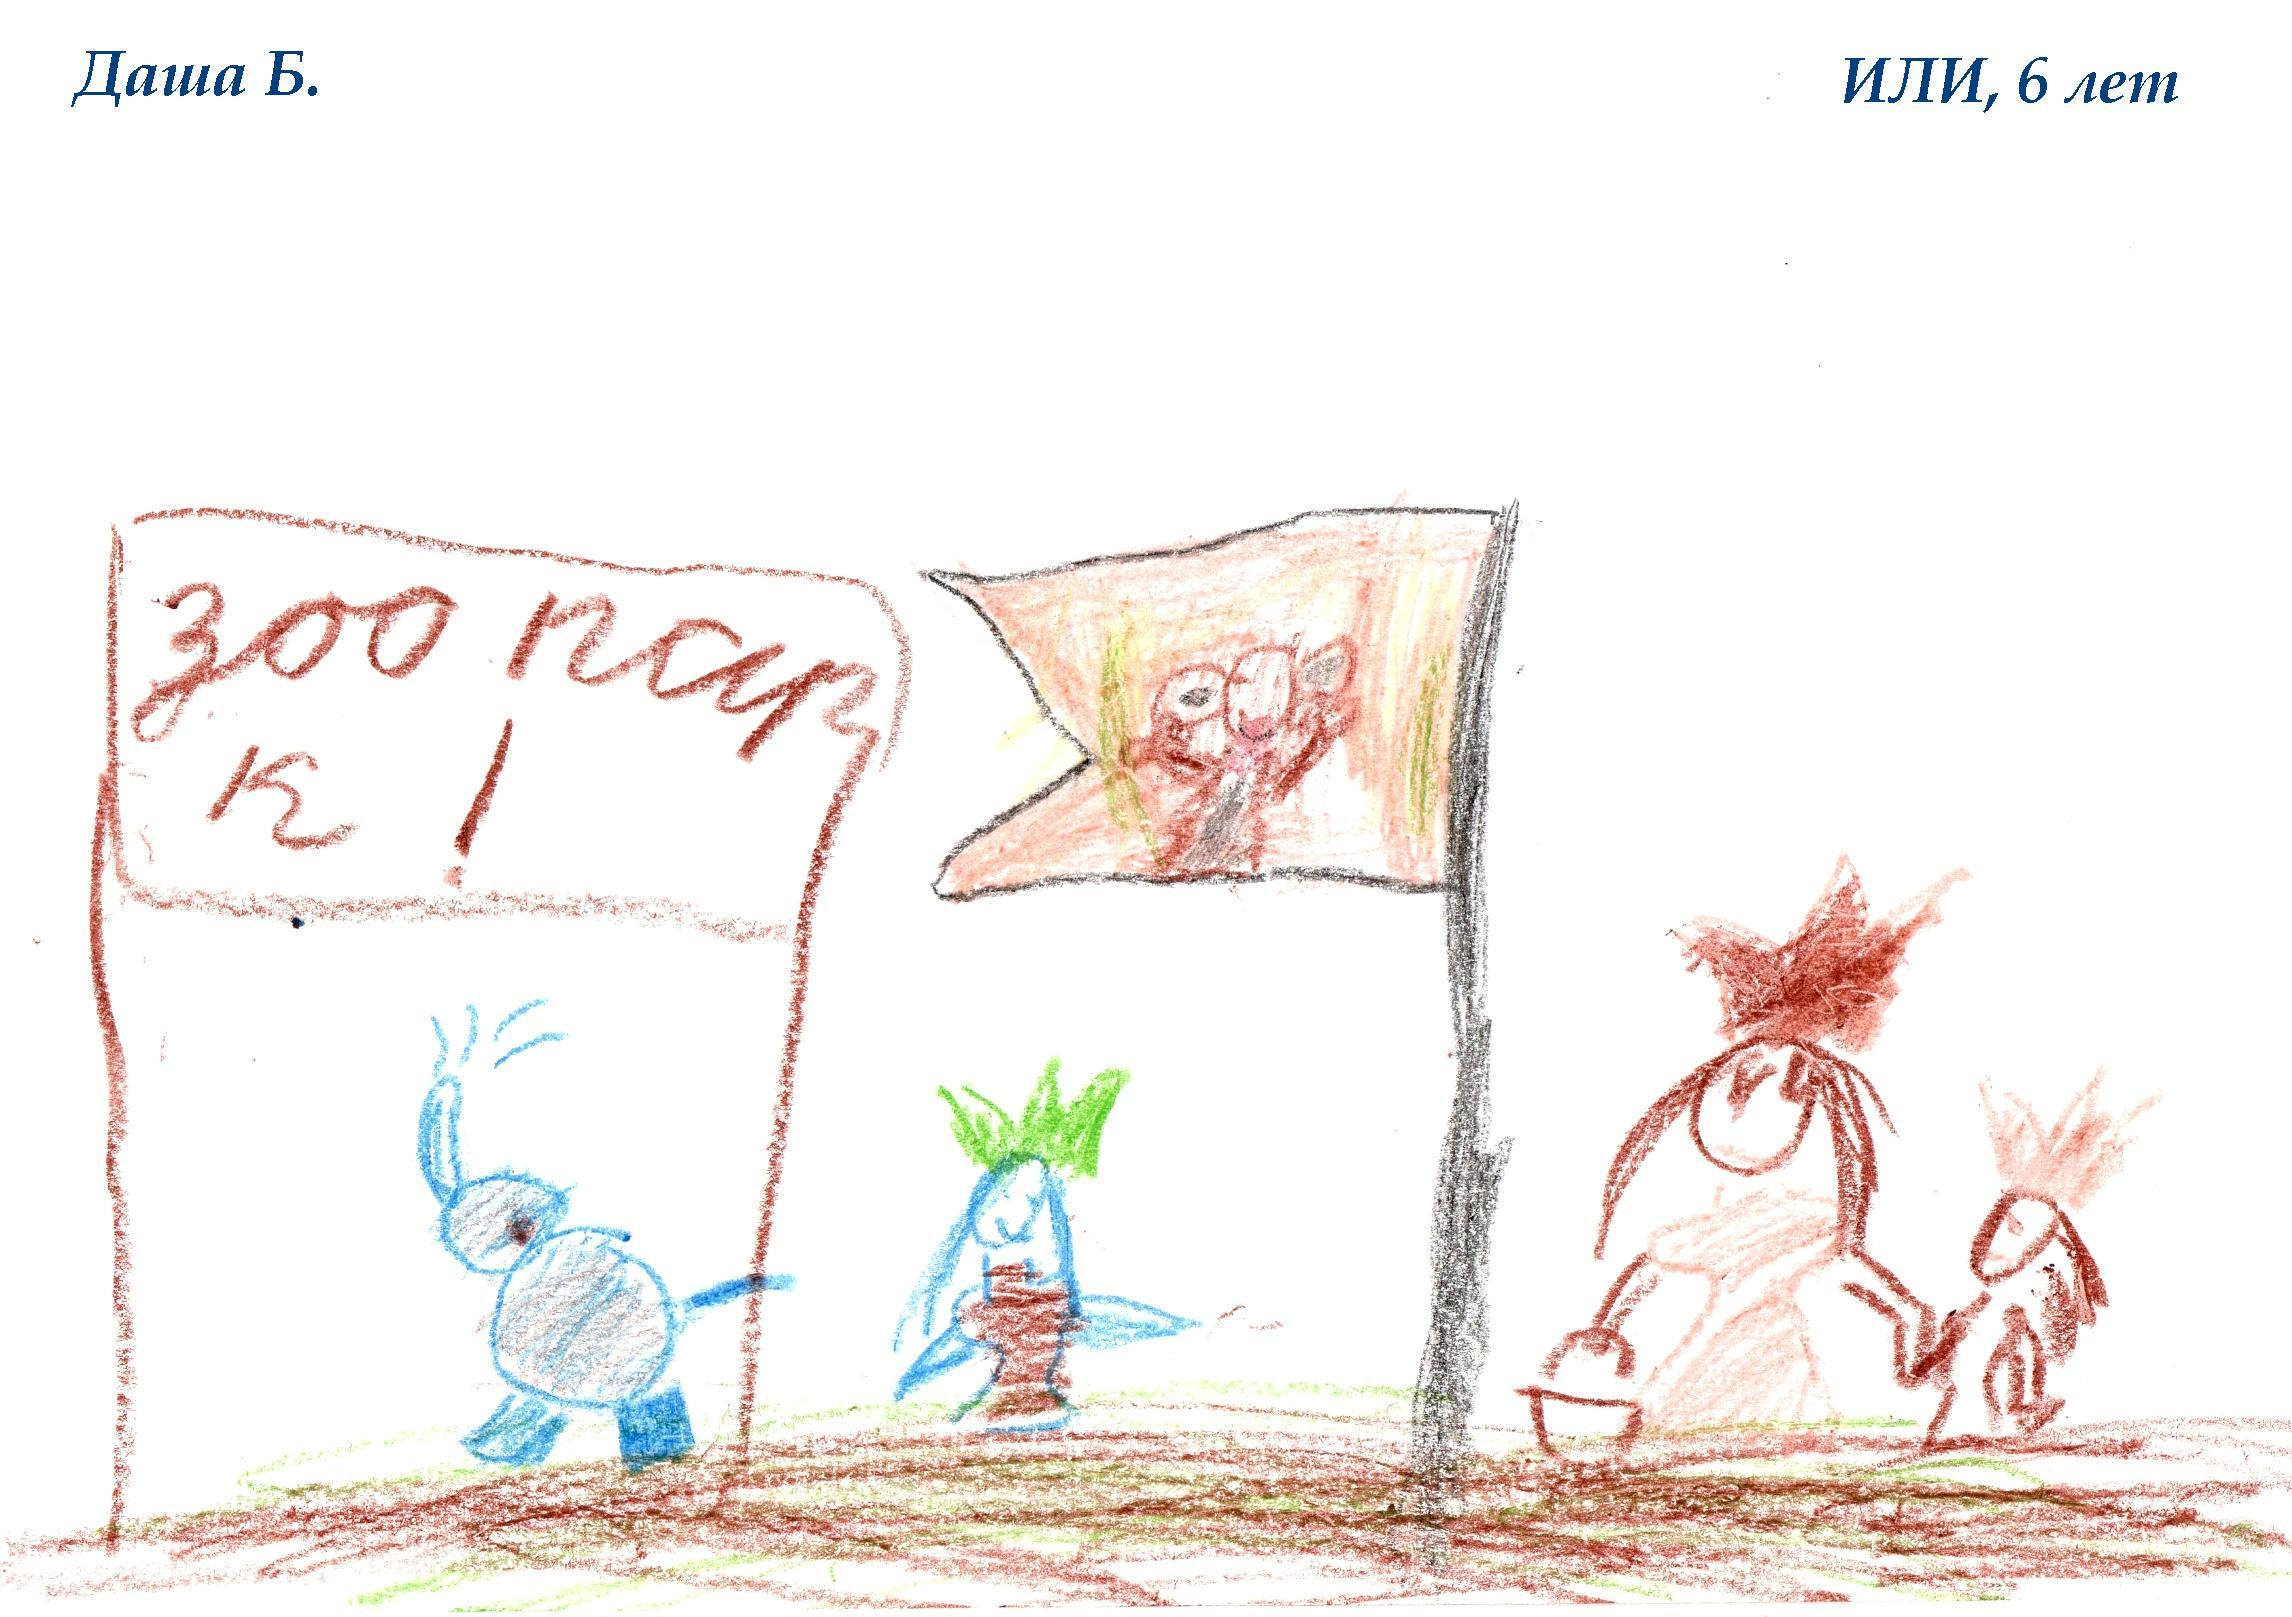 НИИ Соционики. Диагностика детей дошкольного возраста. Рисунок ИЛИ, 6 лет